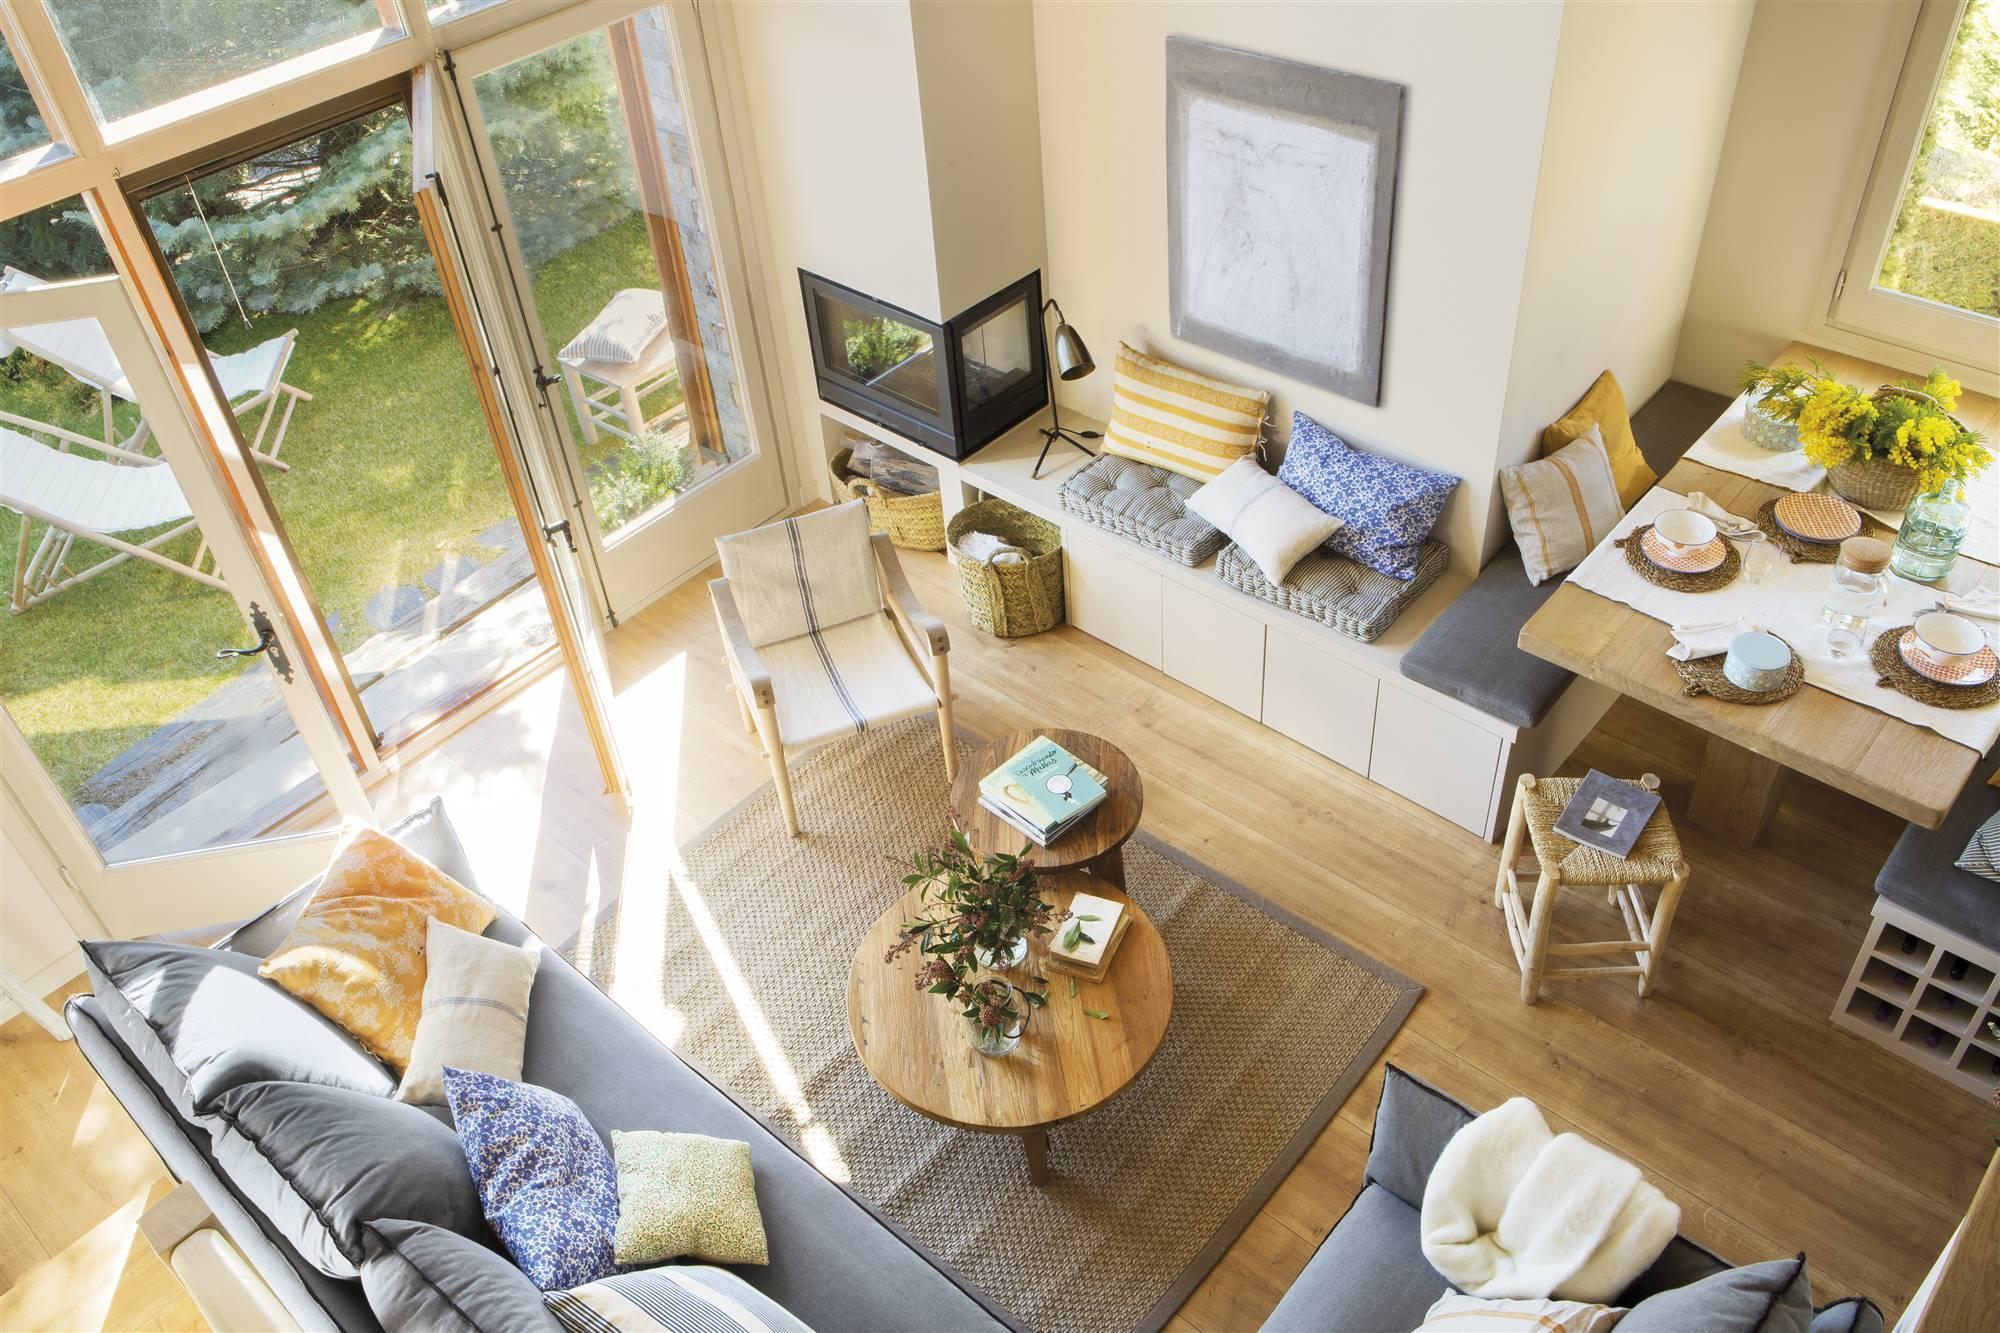 salon con sofa esquinero 2 mesas nido de madera banco de obra y comedor 00455369. Un salón integrado en el comedor y la cocina